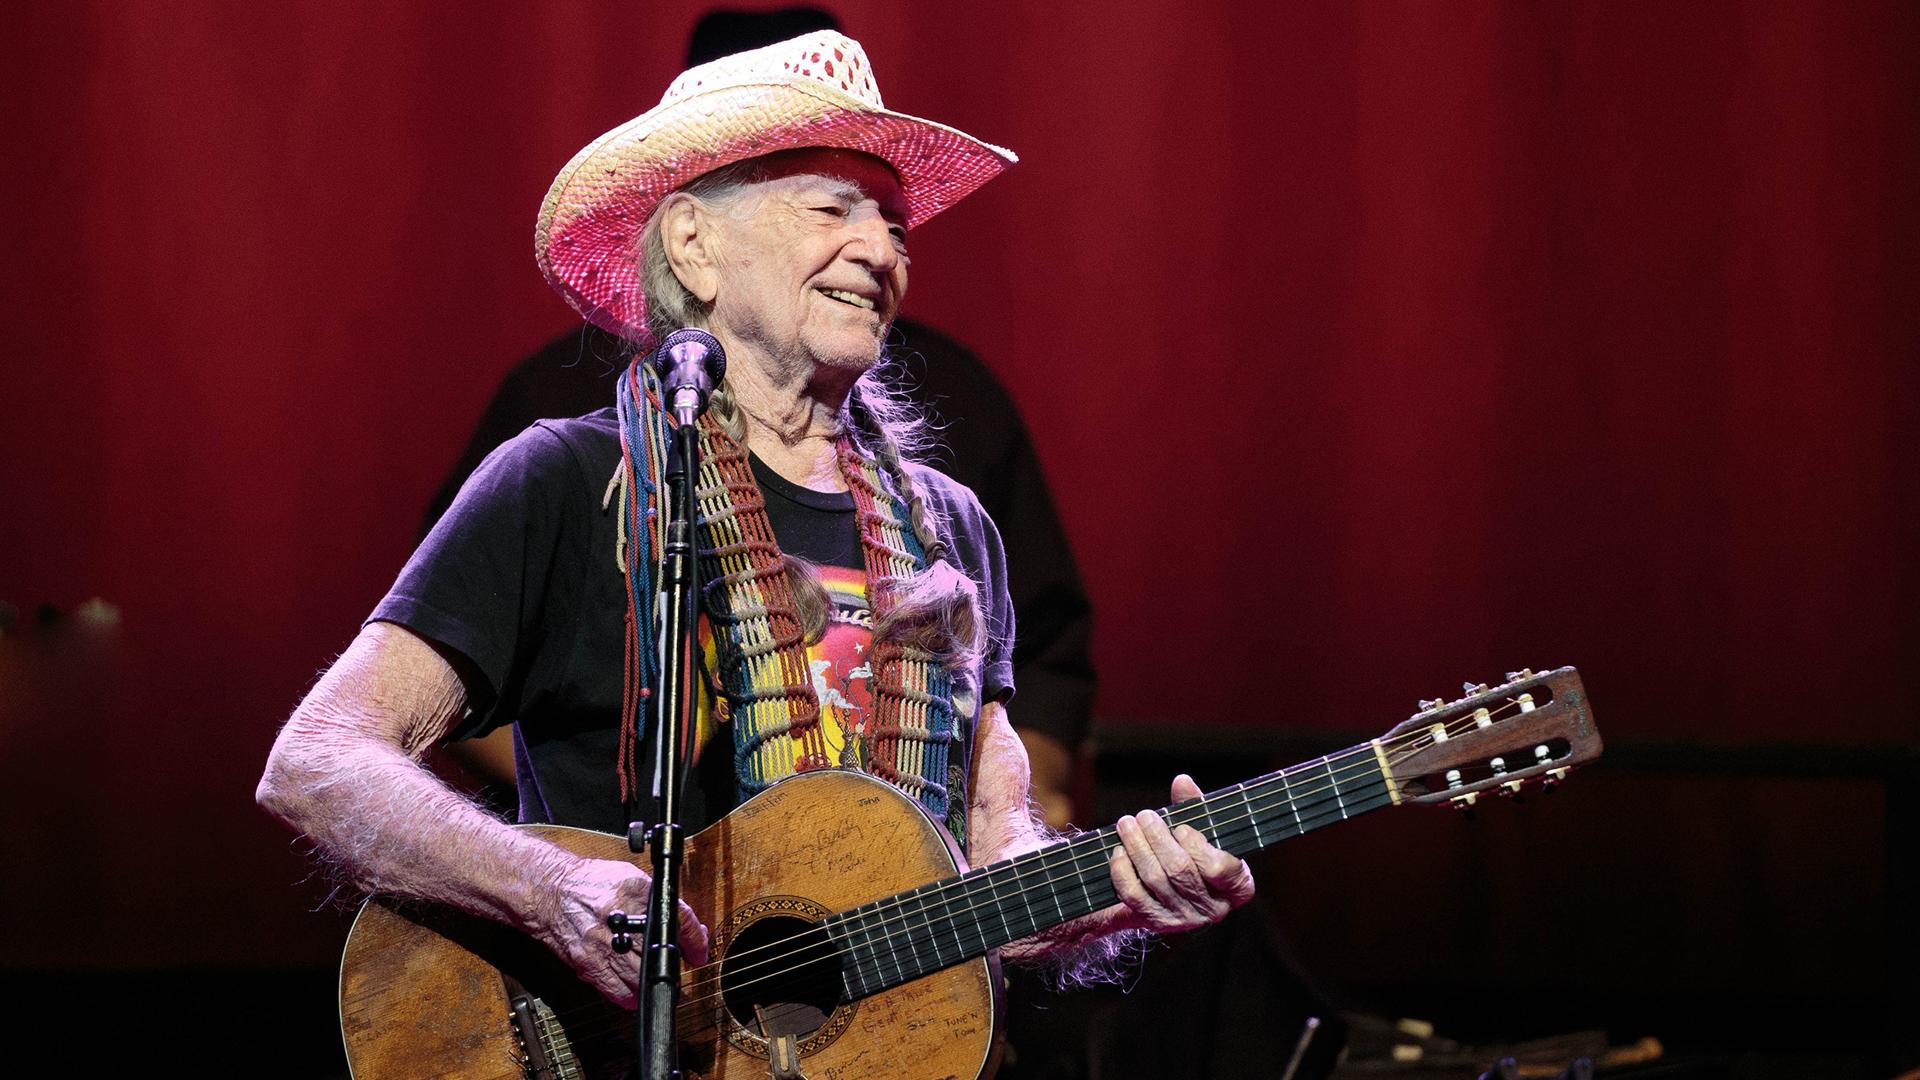 Kannabisyrittäjä Willie Nelson uudenvuodenkonsertissa Austinissa Teksasissa 31.12.2018.